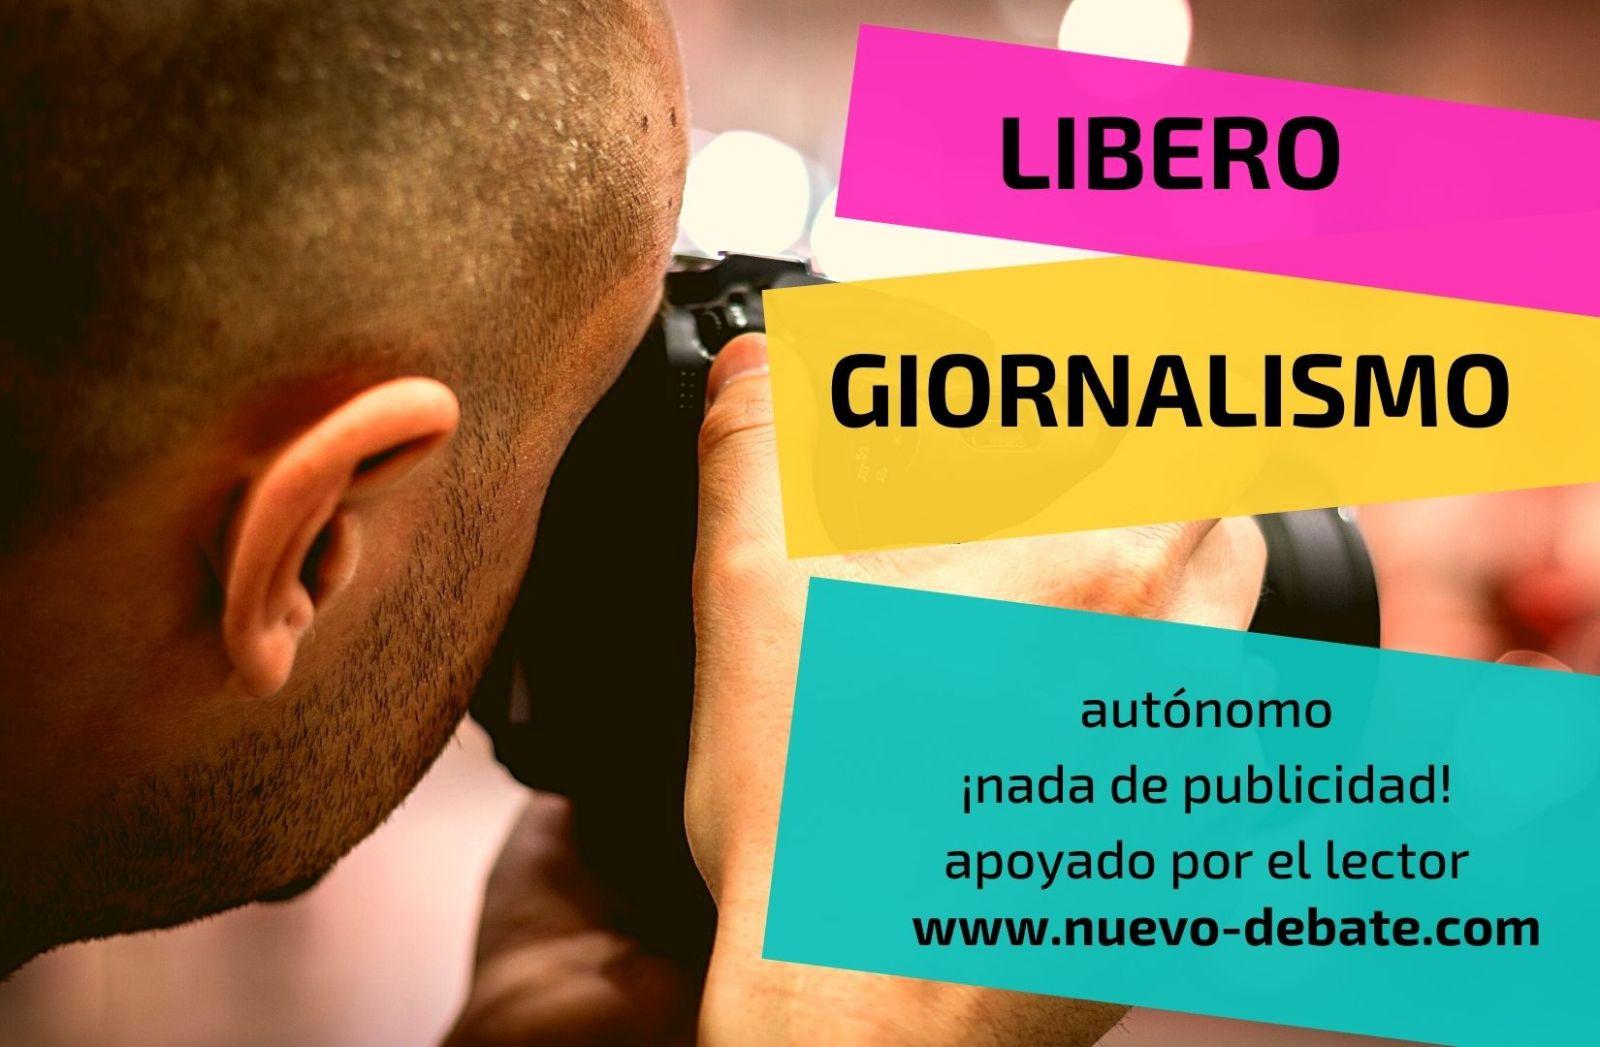 Projekt Nuevo Debate www.nuevo-debate.com